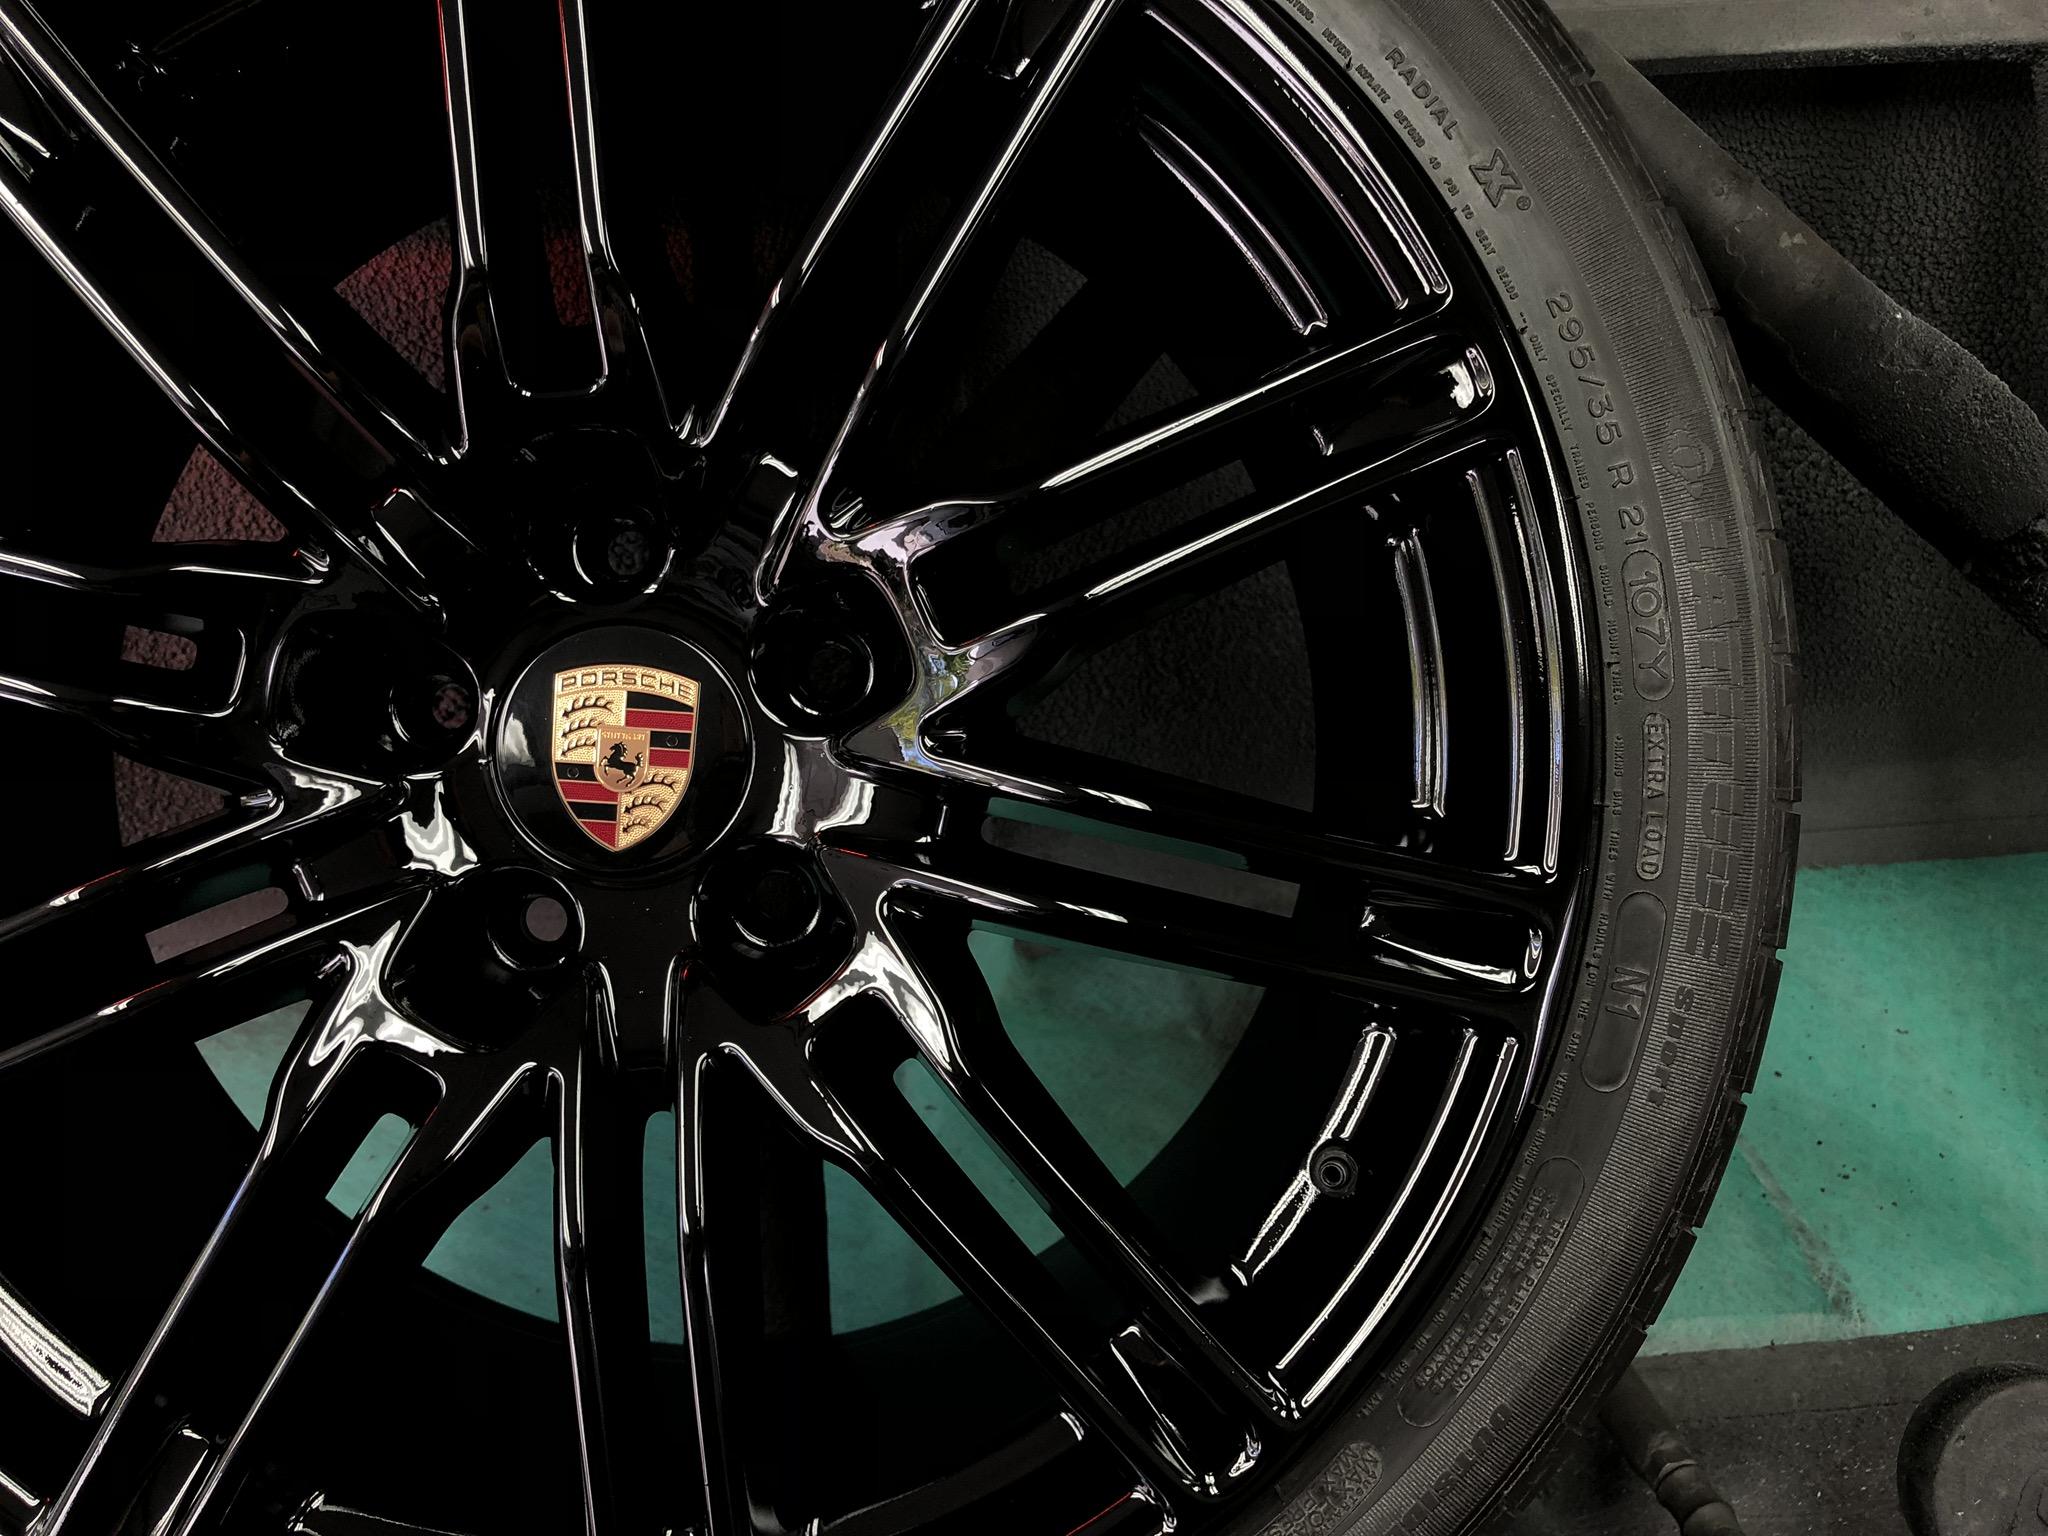 Porsche Cayenne after repair and black gloss paint